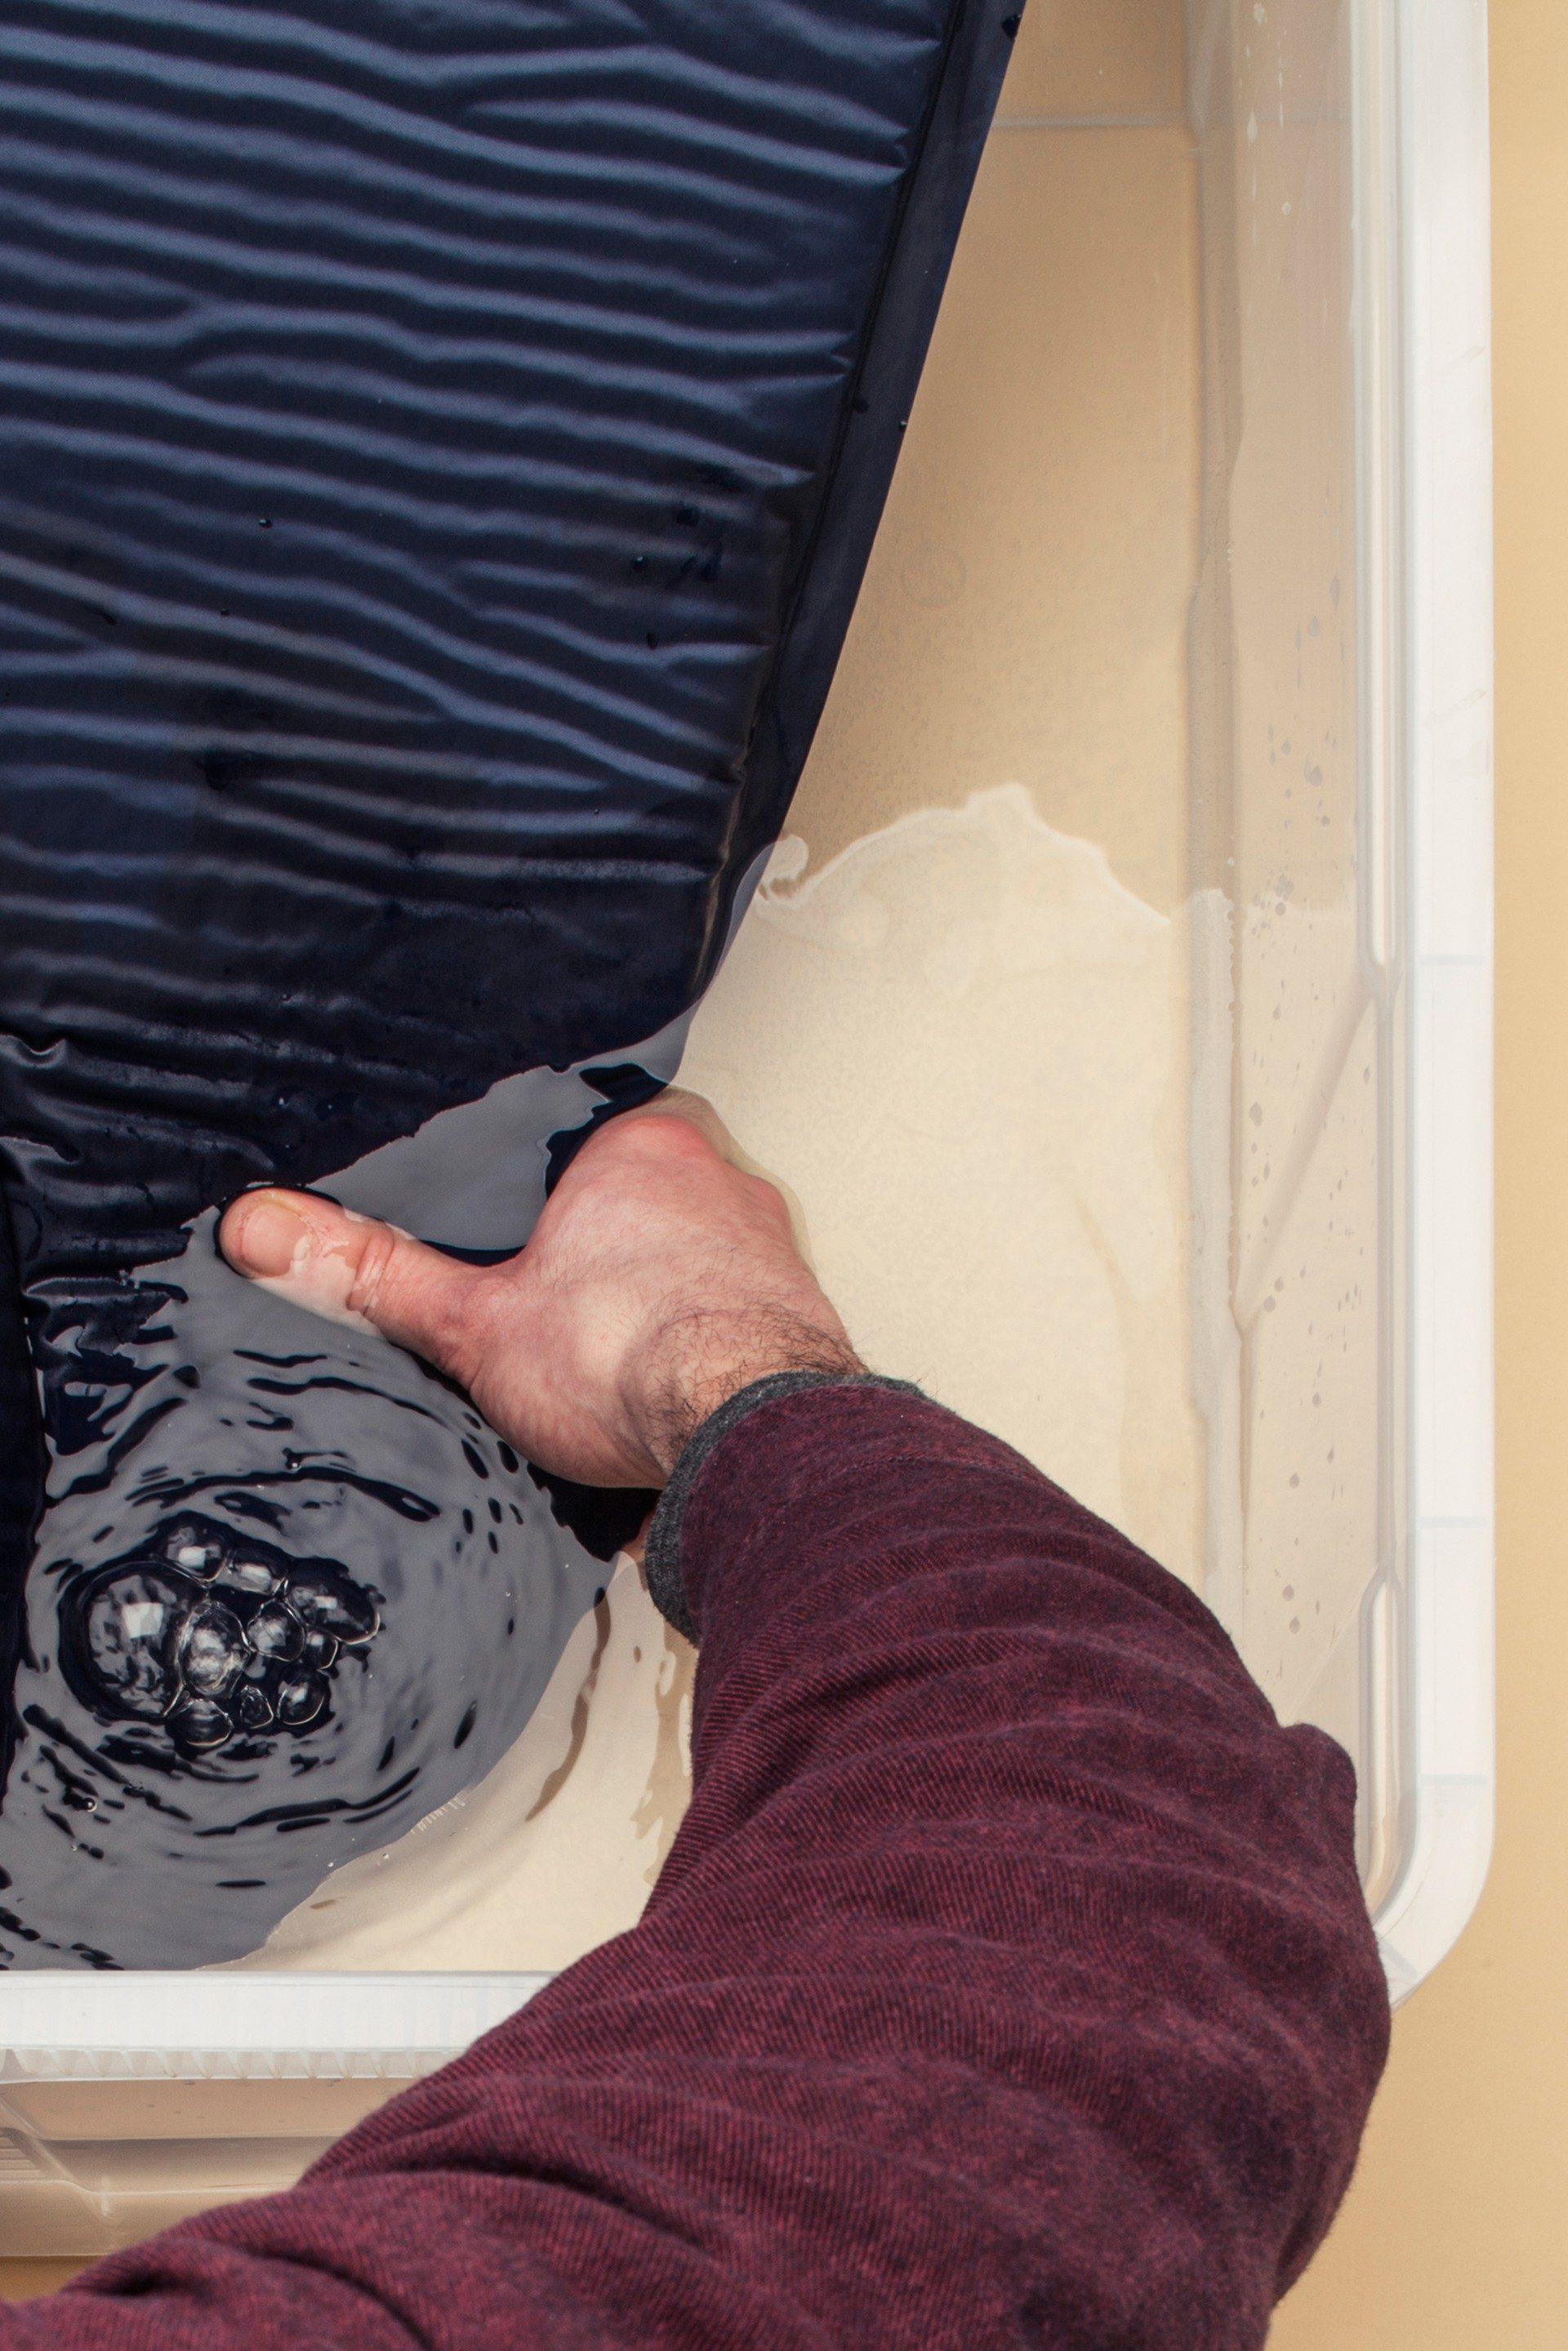 comment trouver un trou dans un matelas gonflable guide d 39 achat matelas. Black Bedroom Furniture Sets. Home Design Ideas